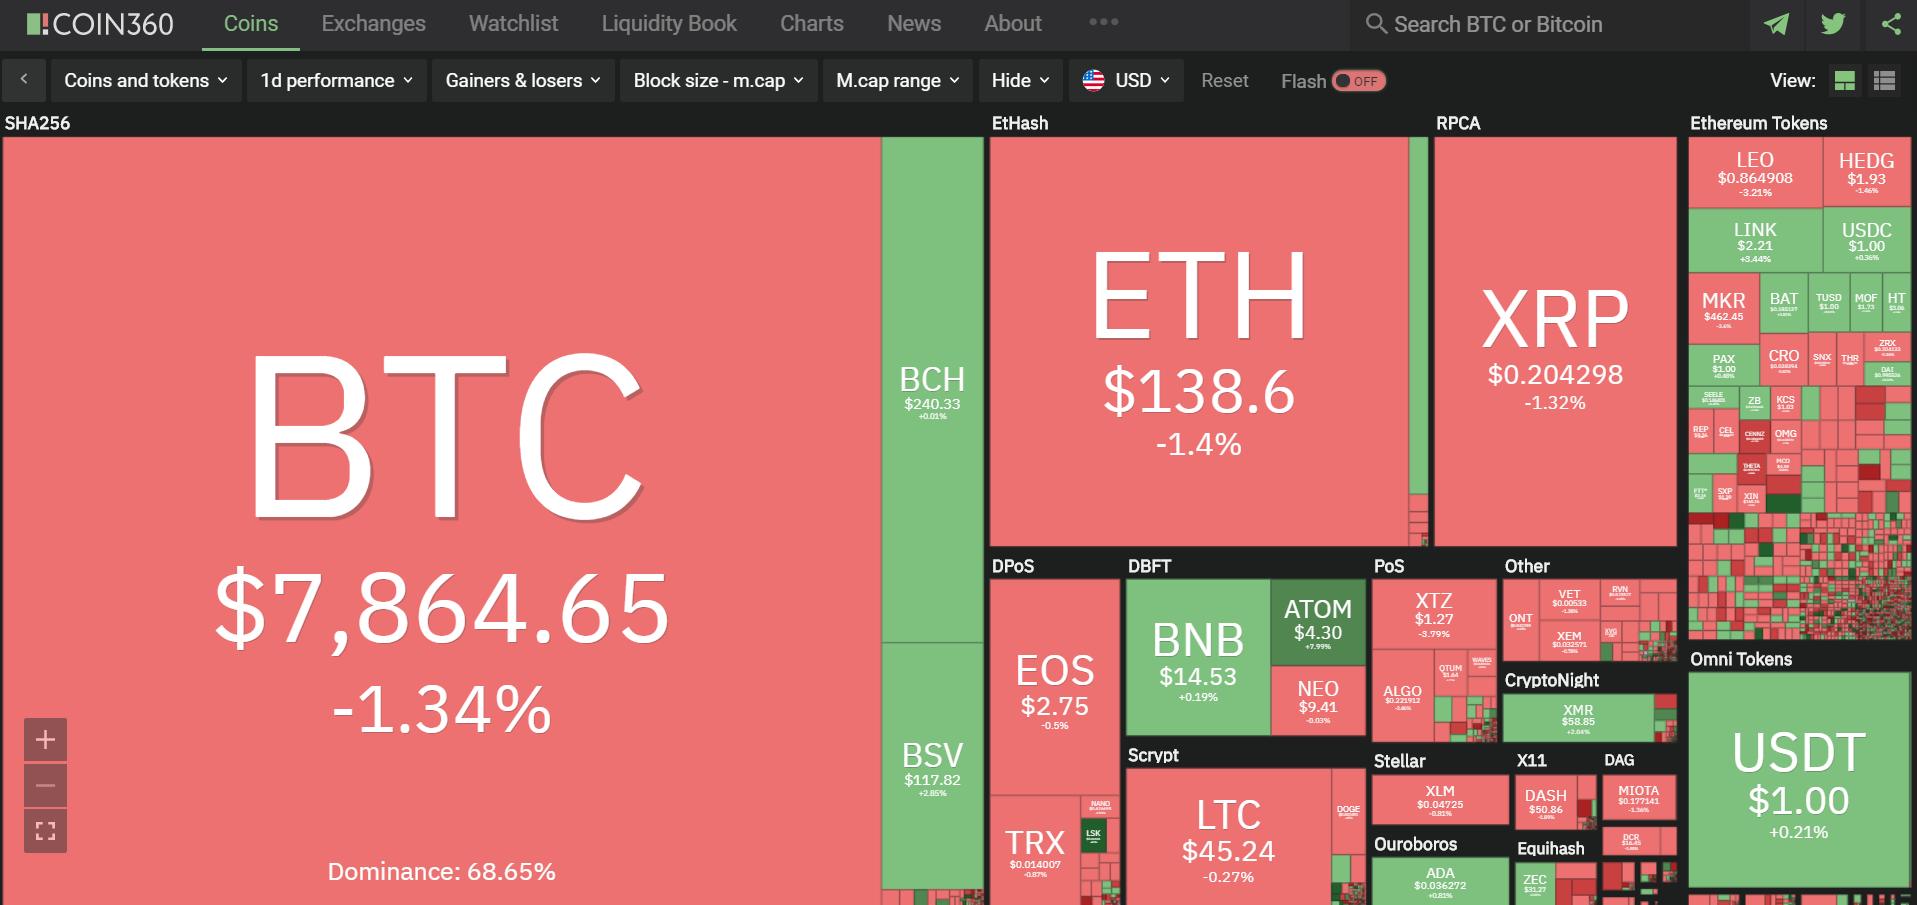 Toàn cảnh thị trường tiền kĩ thuật số hôm nay (10/1) (Nguồn: Coin360.com)